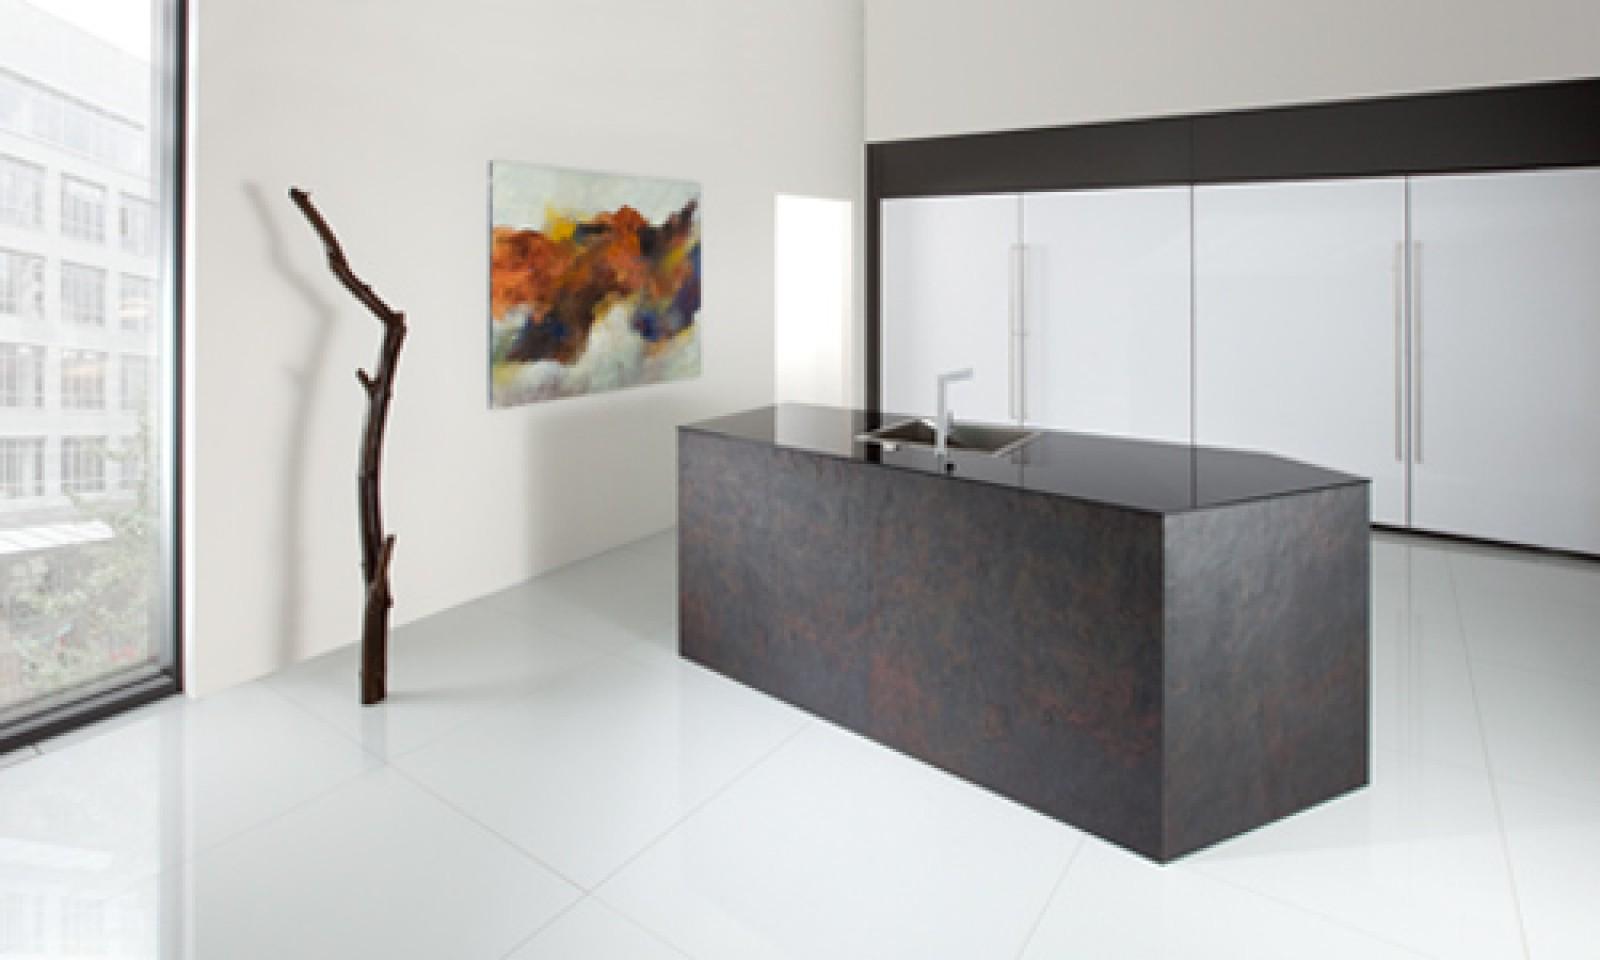 Ansprechend Wohnwert Küchen Foto Von Drehtüren Kann Sogar Eine Ganze Arbeitswelt Verschwinden,